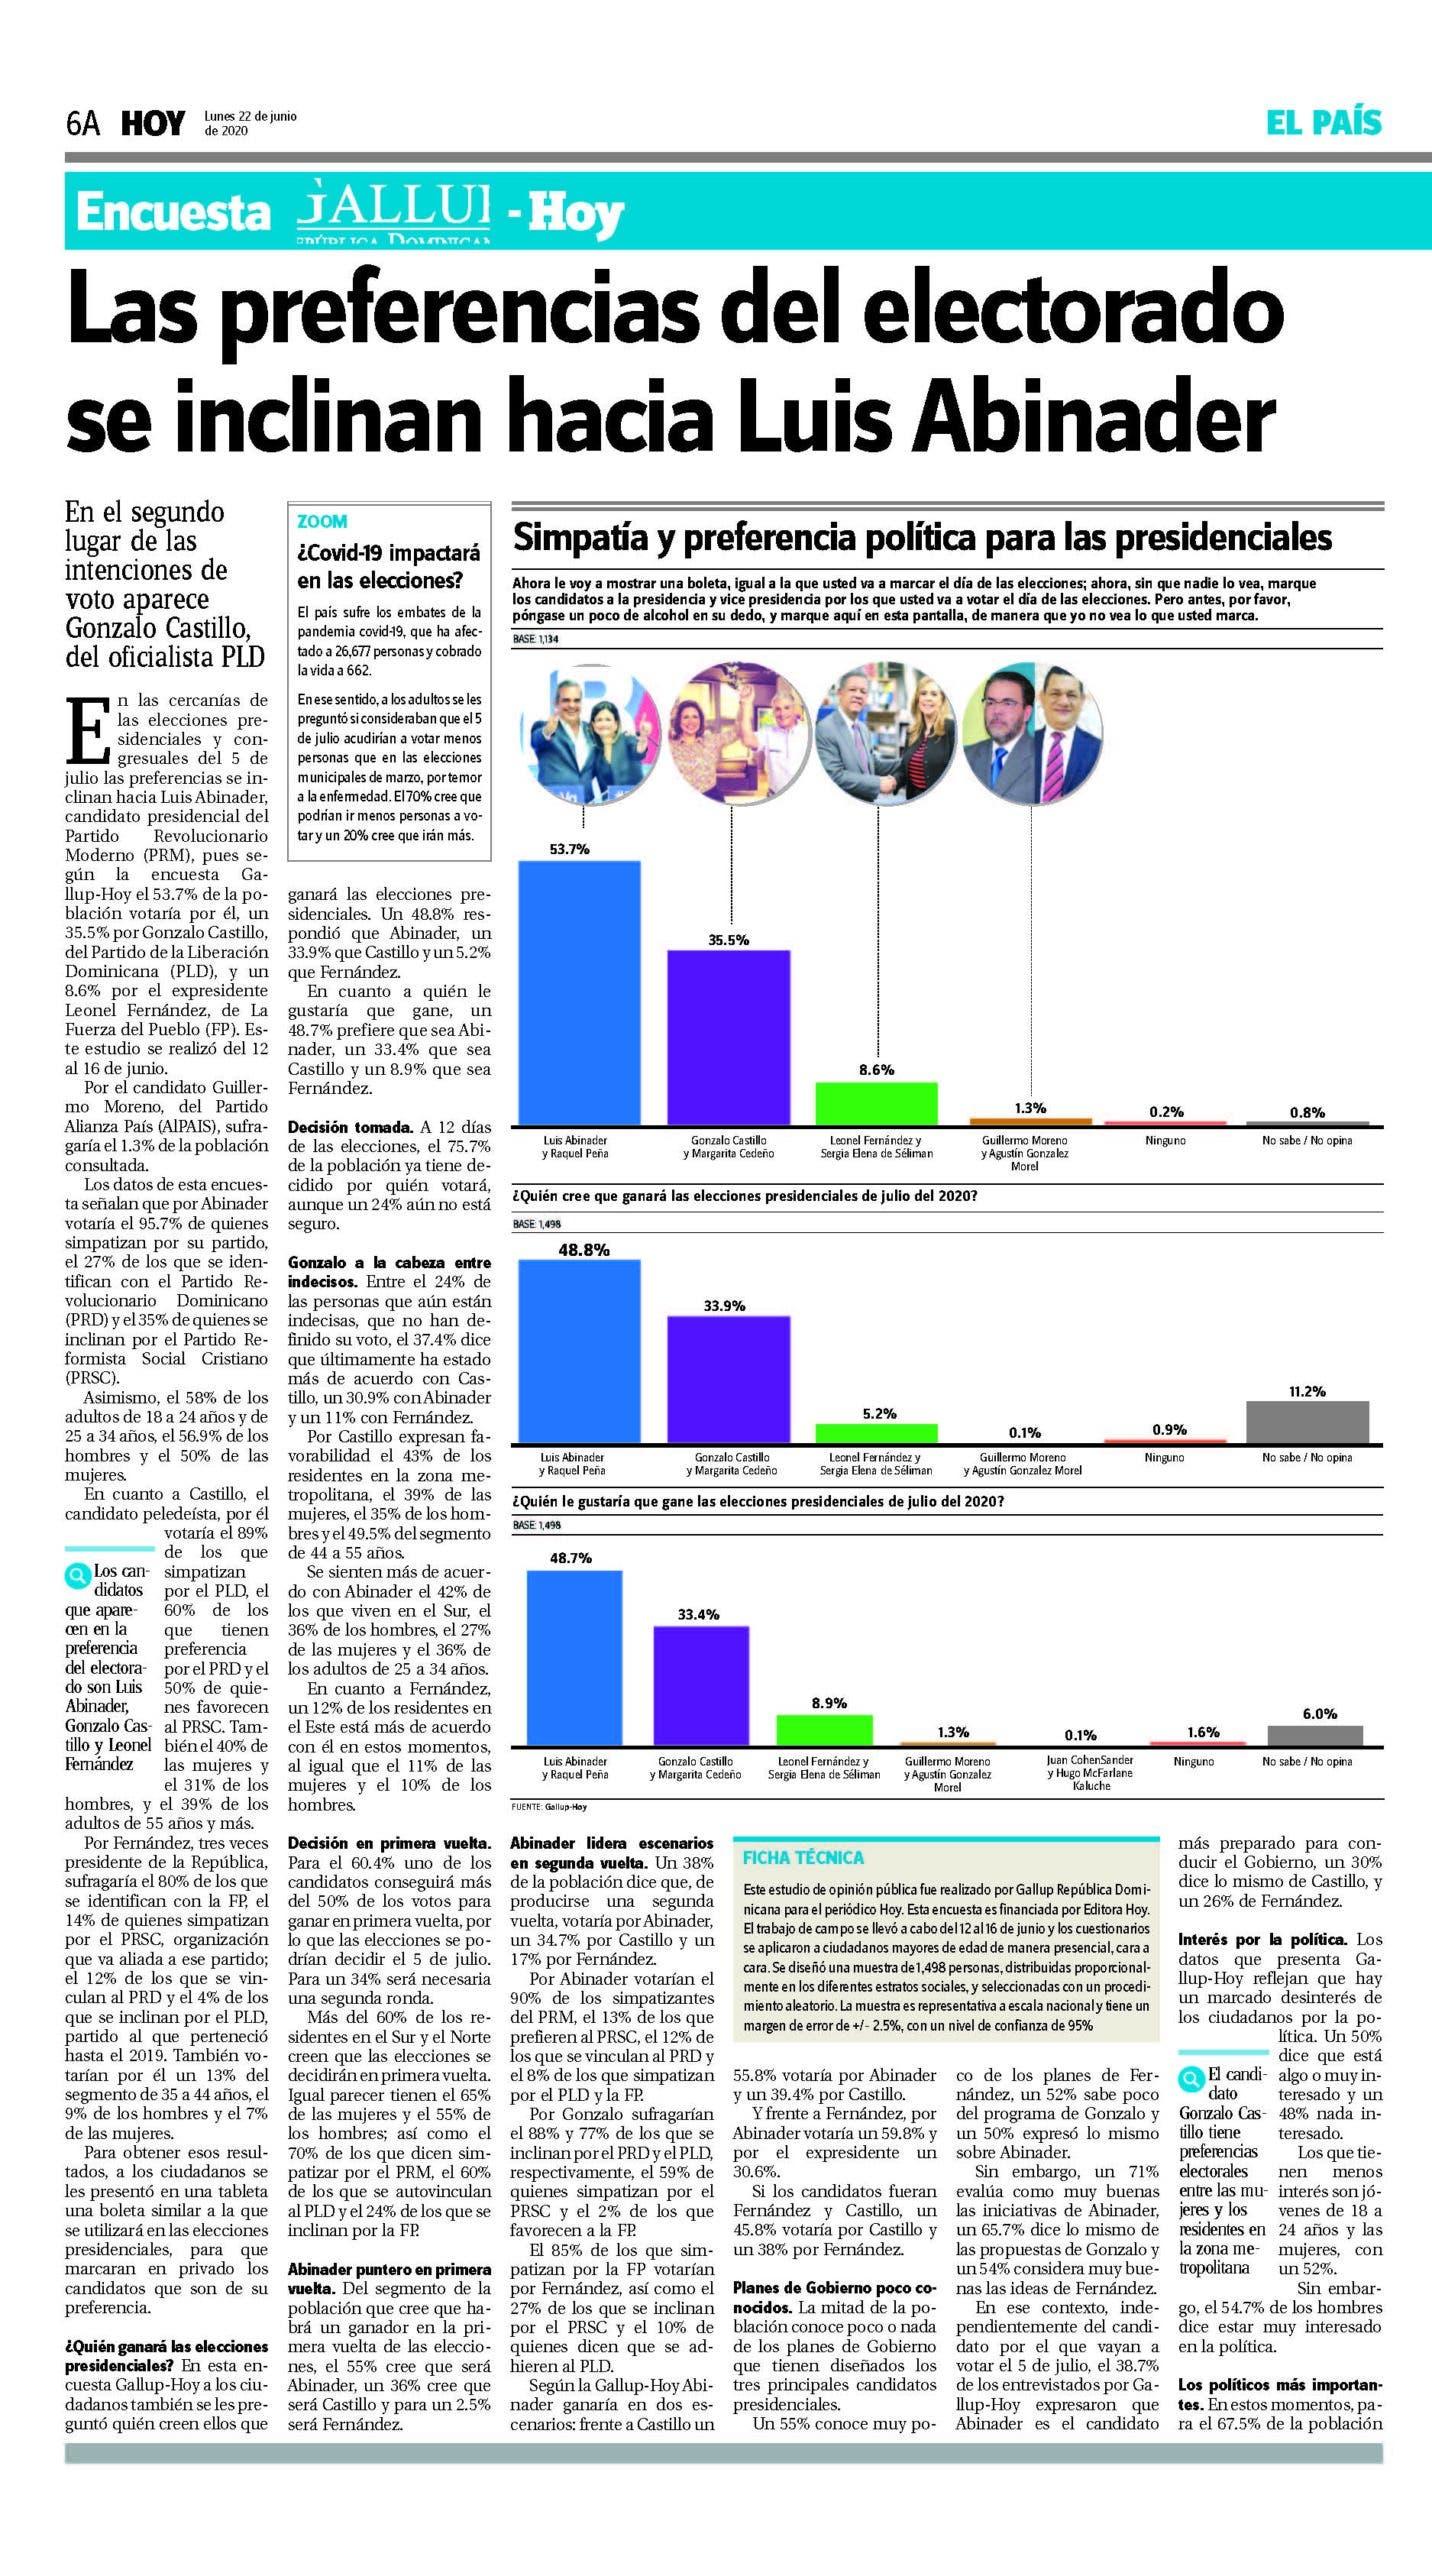 Encuesta Gallup: Las preferencias del electorado se inclinan hacia Luis Abinader